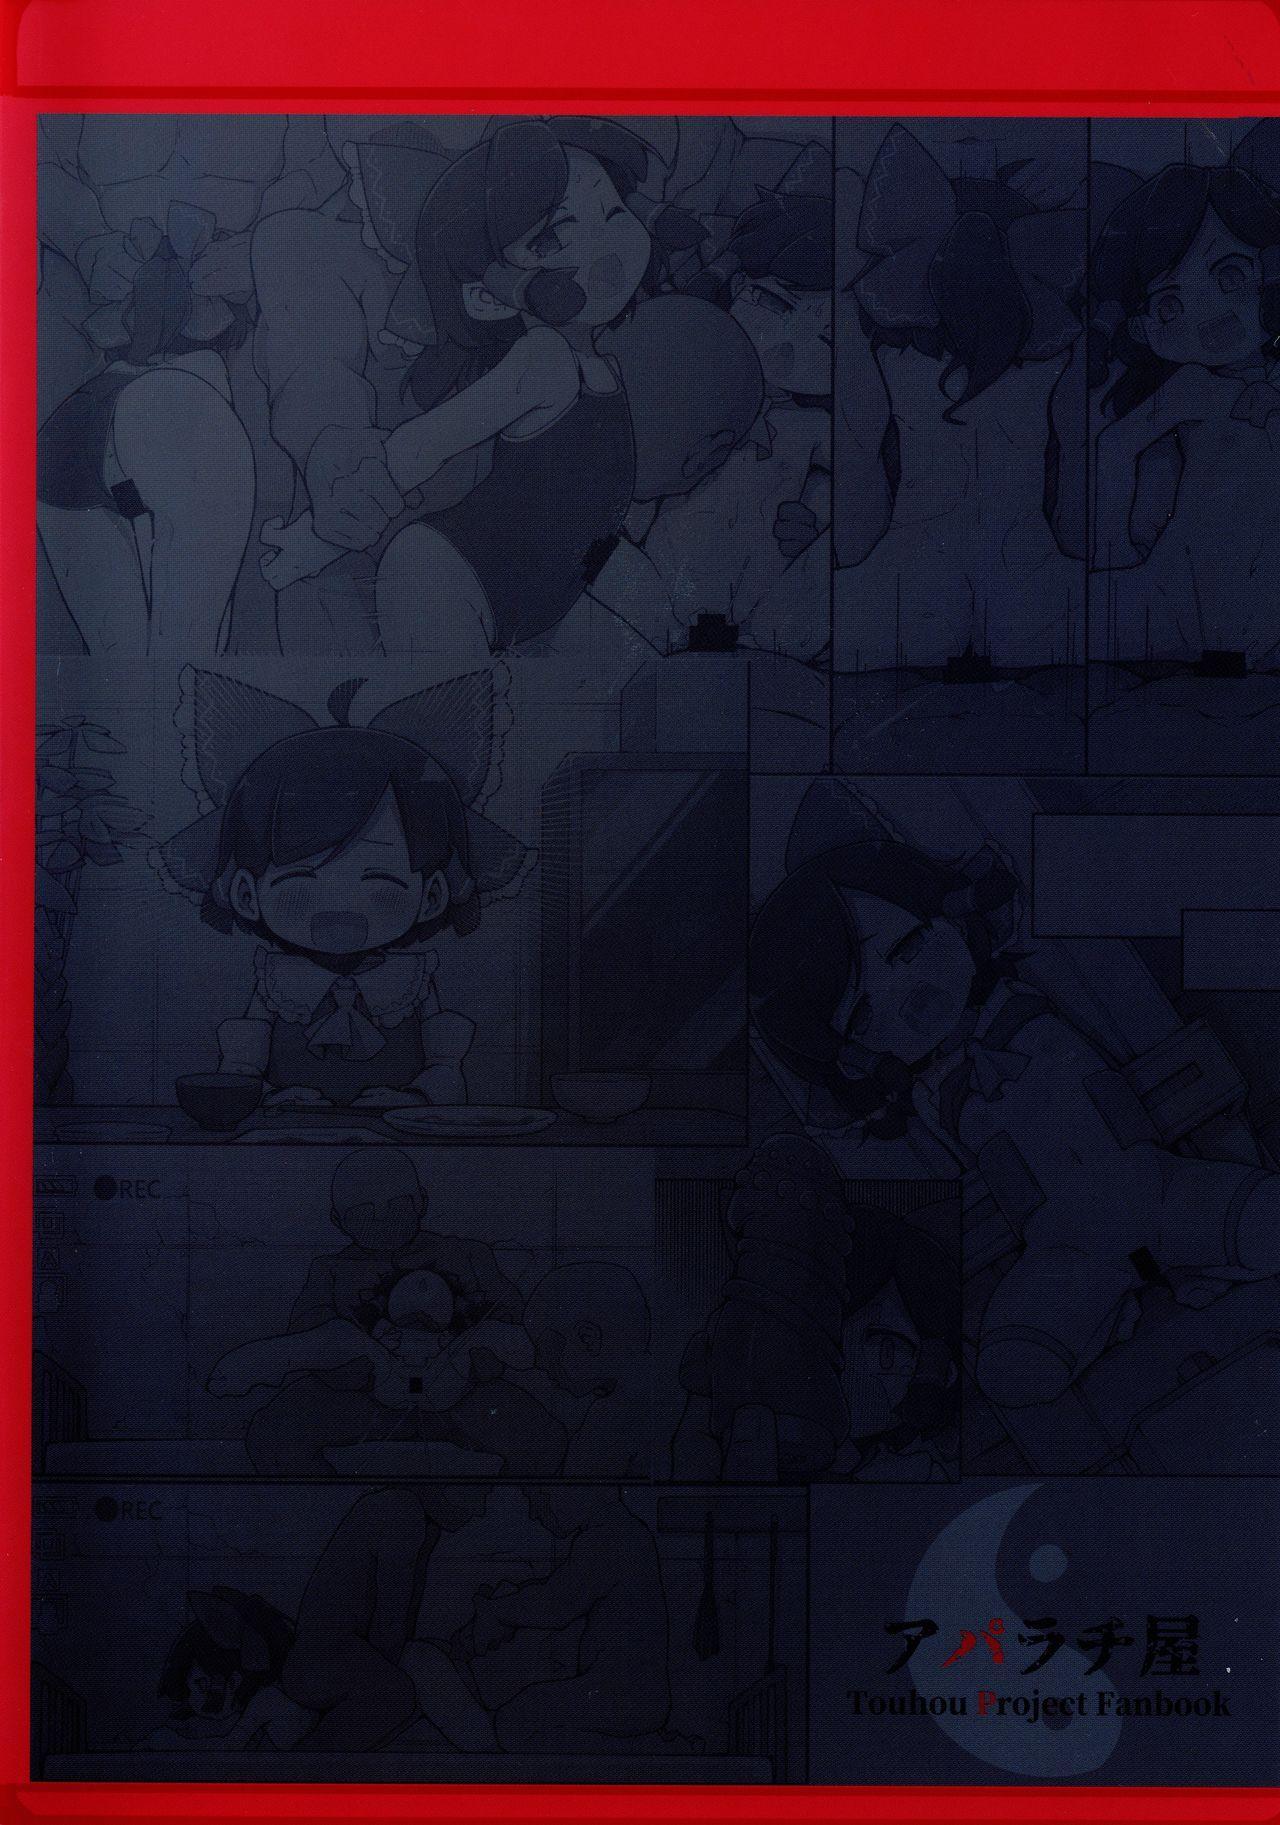 Hakurei no Miko Gaikai Ochi Ura 〇〇 Kyousei Satsuei 25